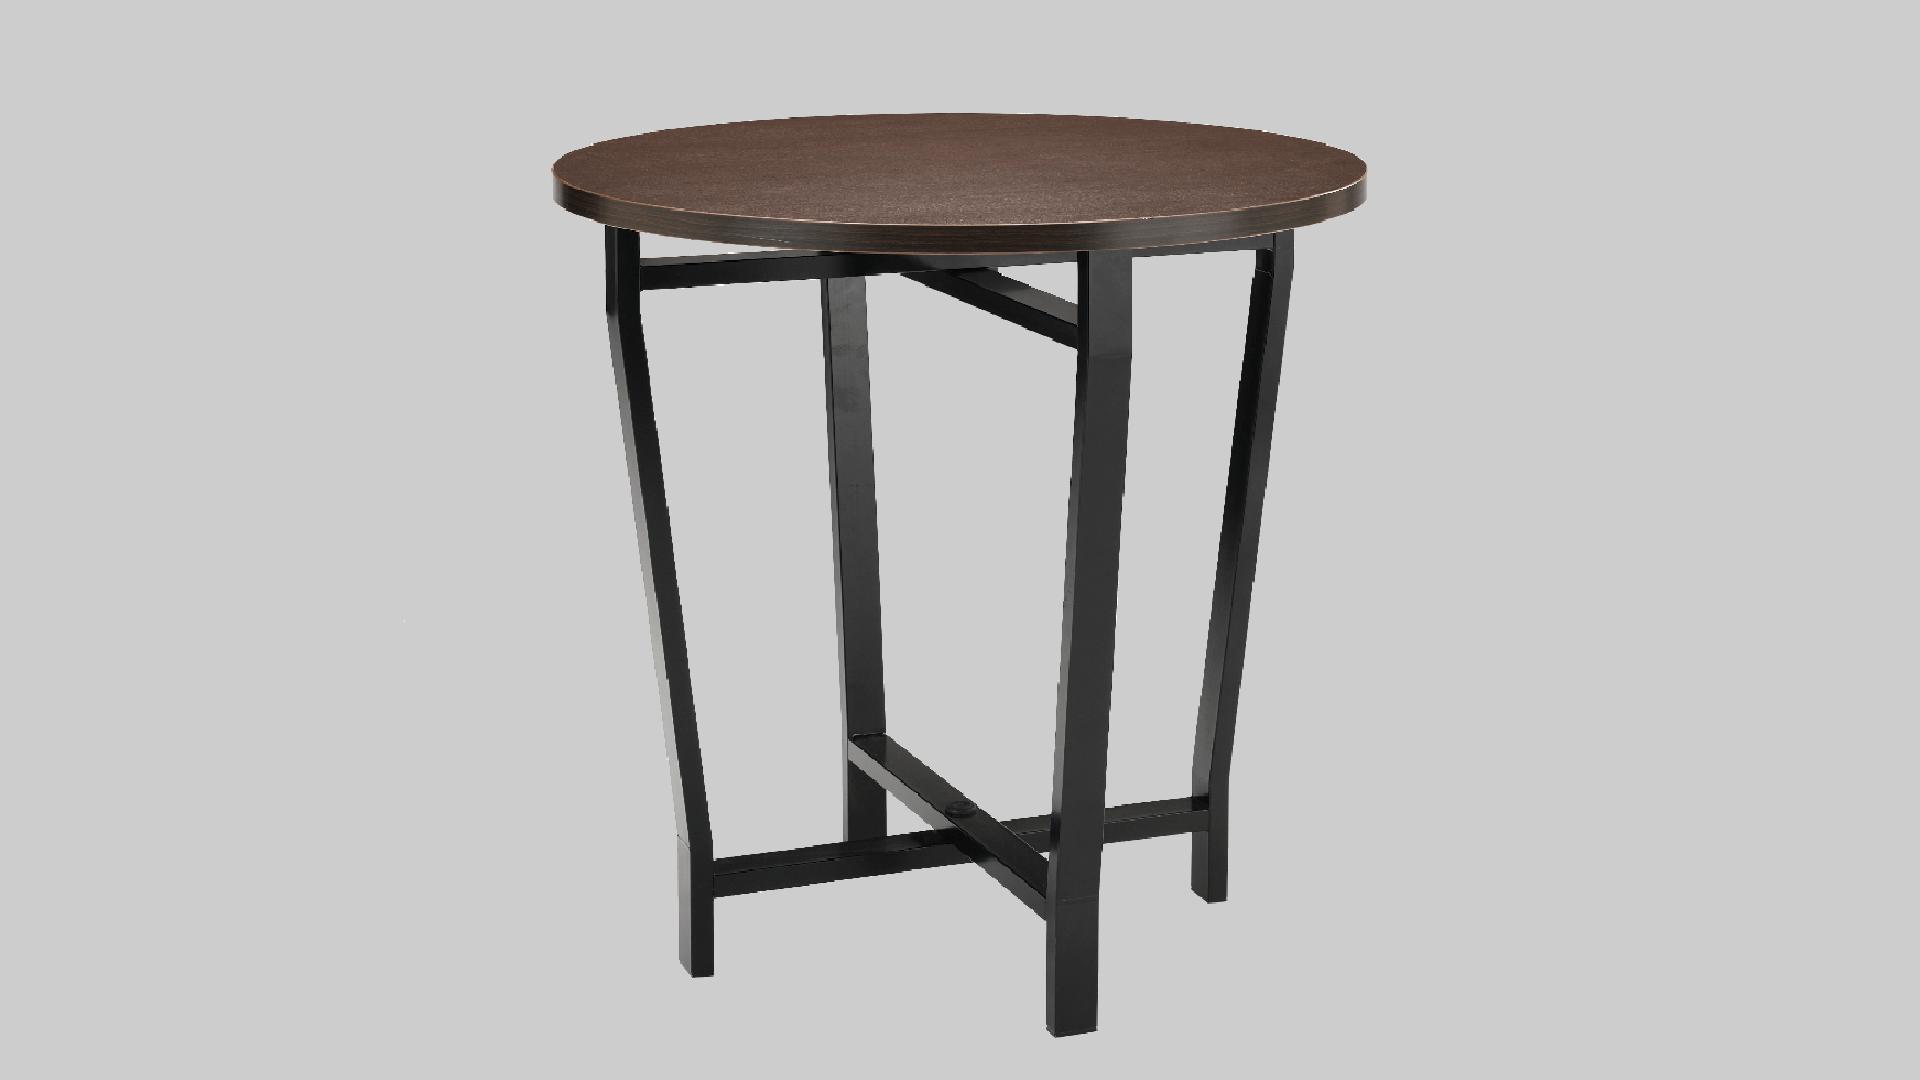 スプレッドテーブル02 イメージ